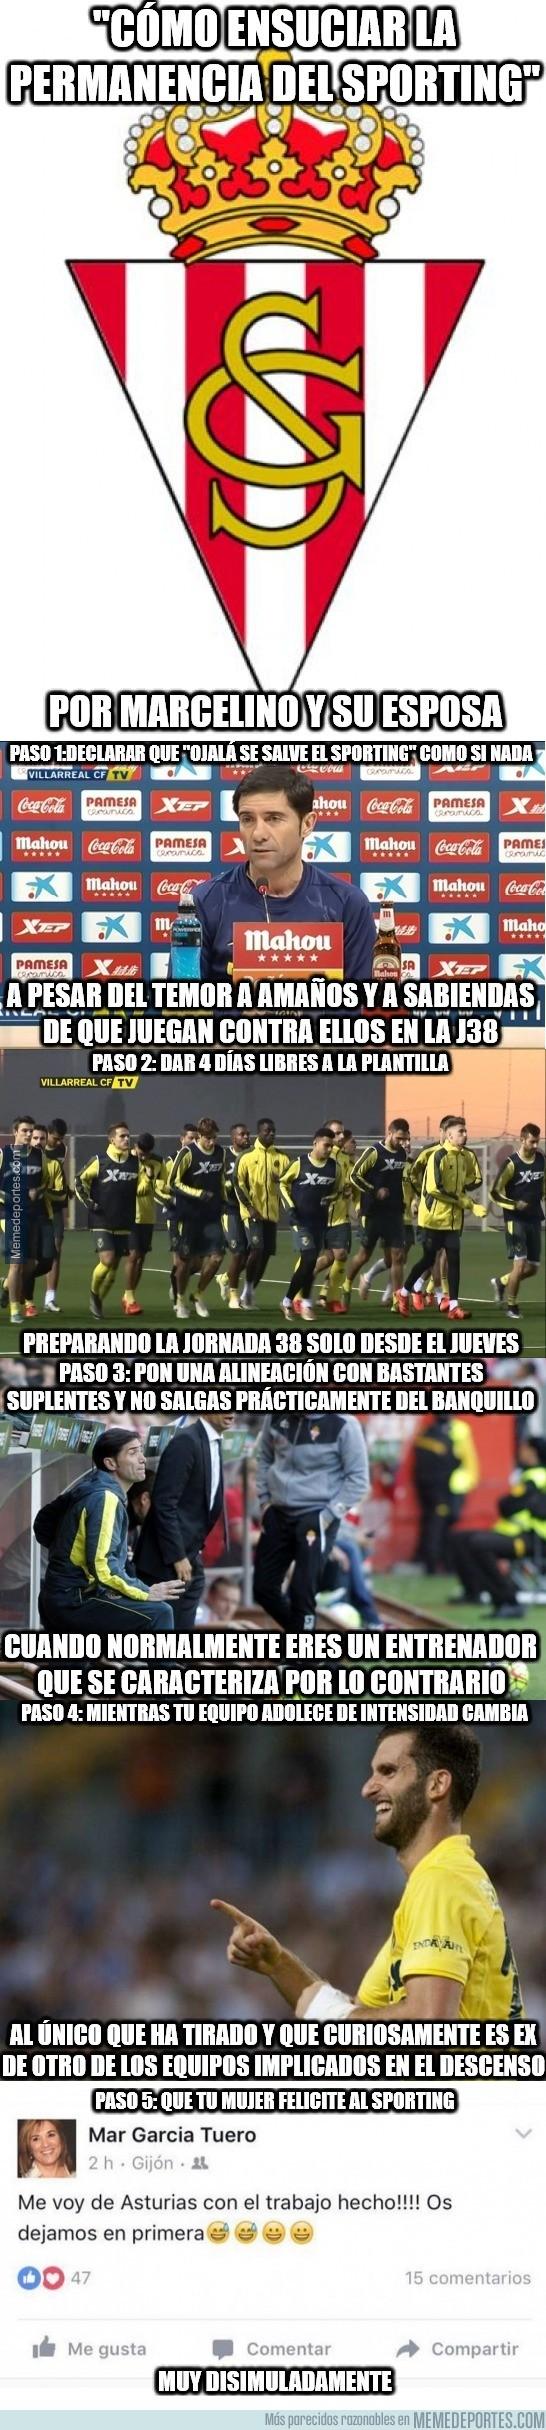 857613 - Marcelino ensuciando la permanencia del Sporting con sus acciones...